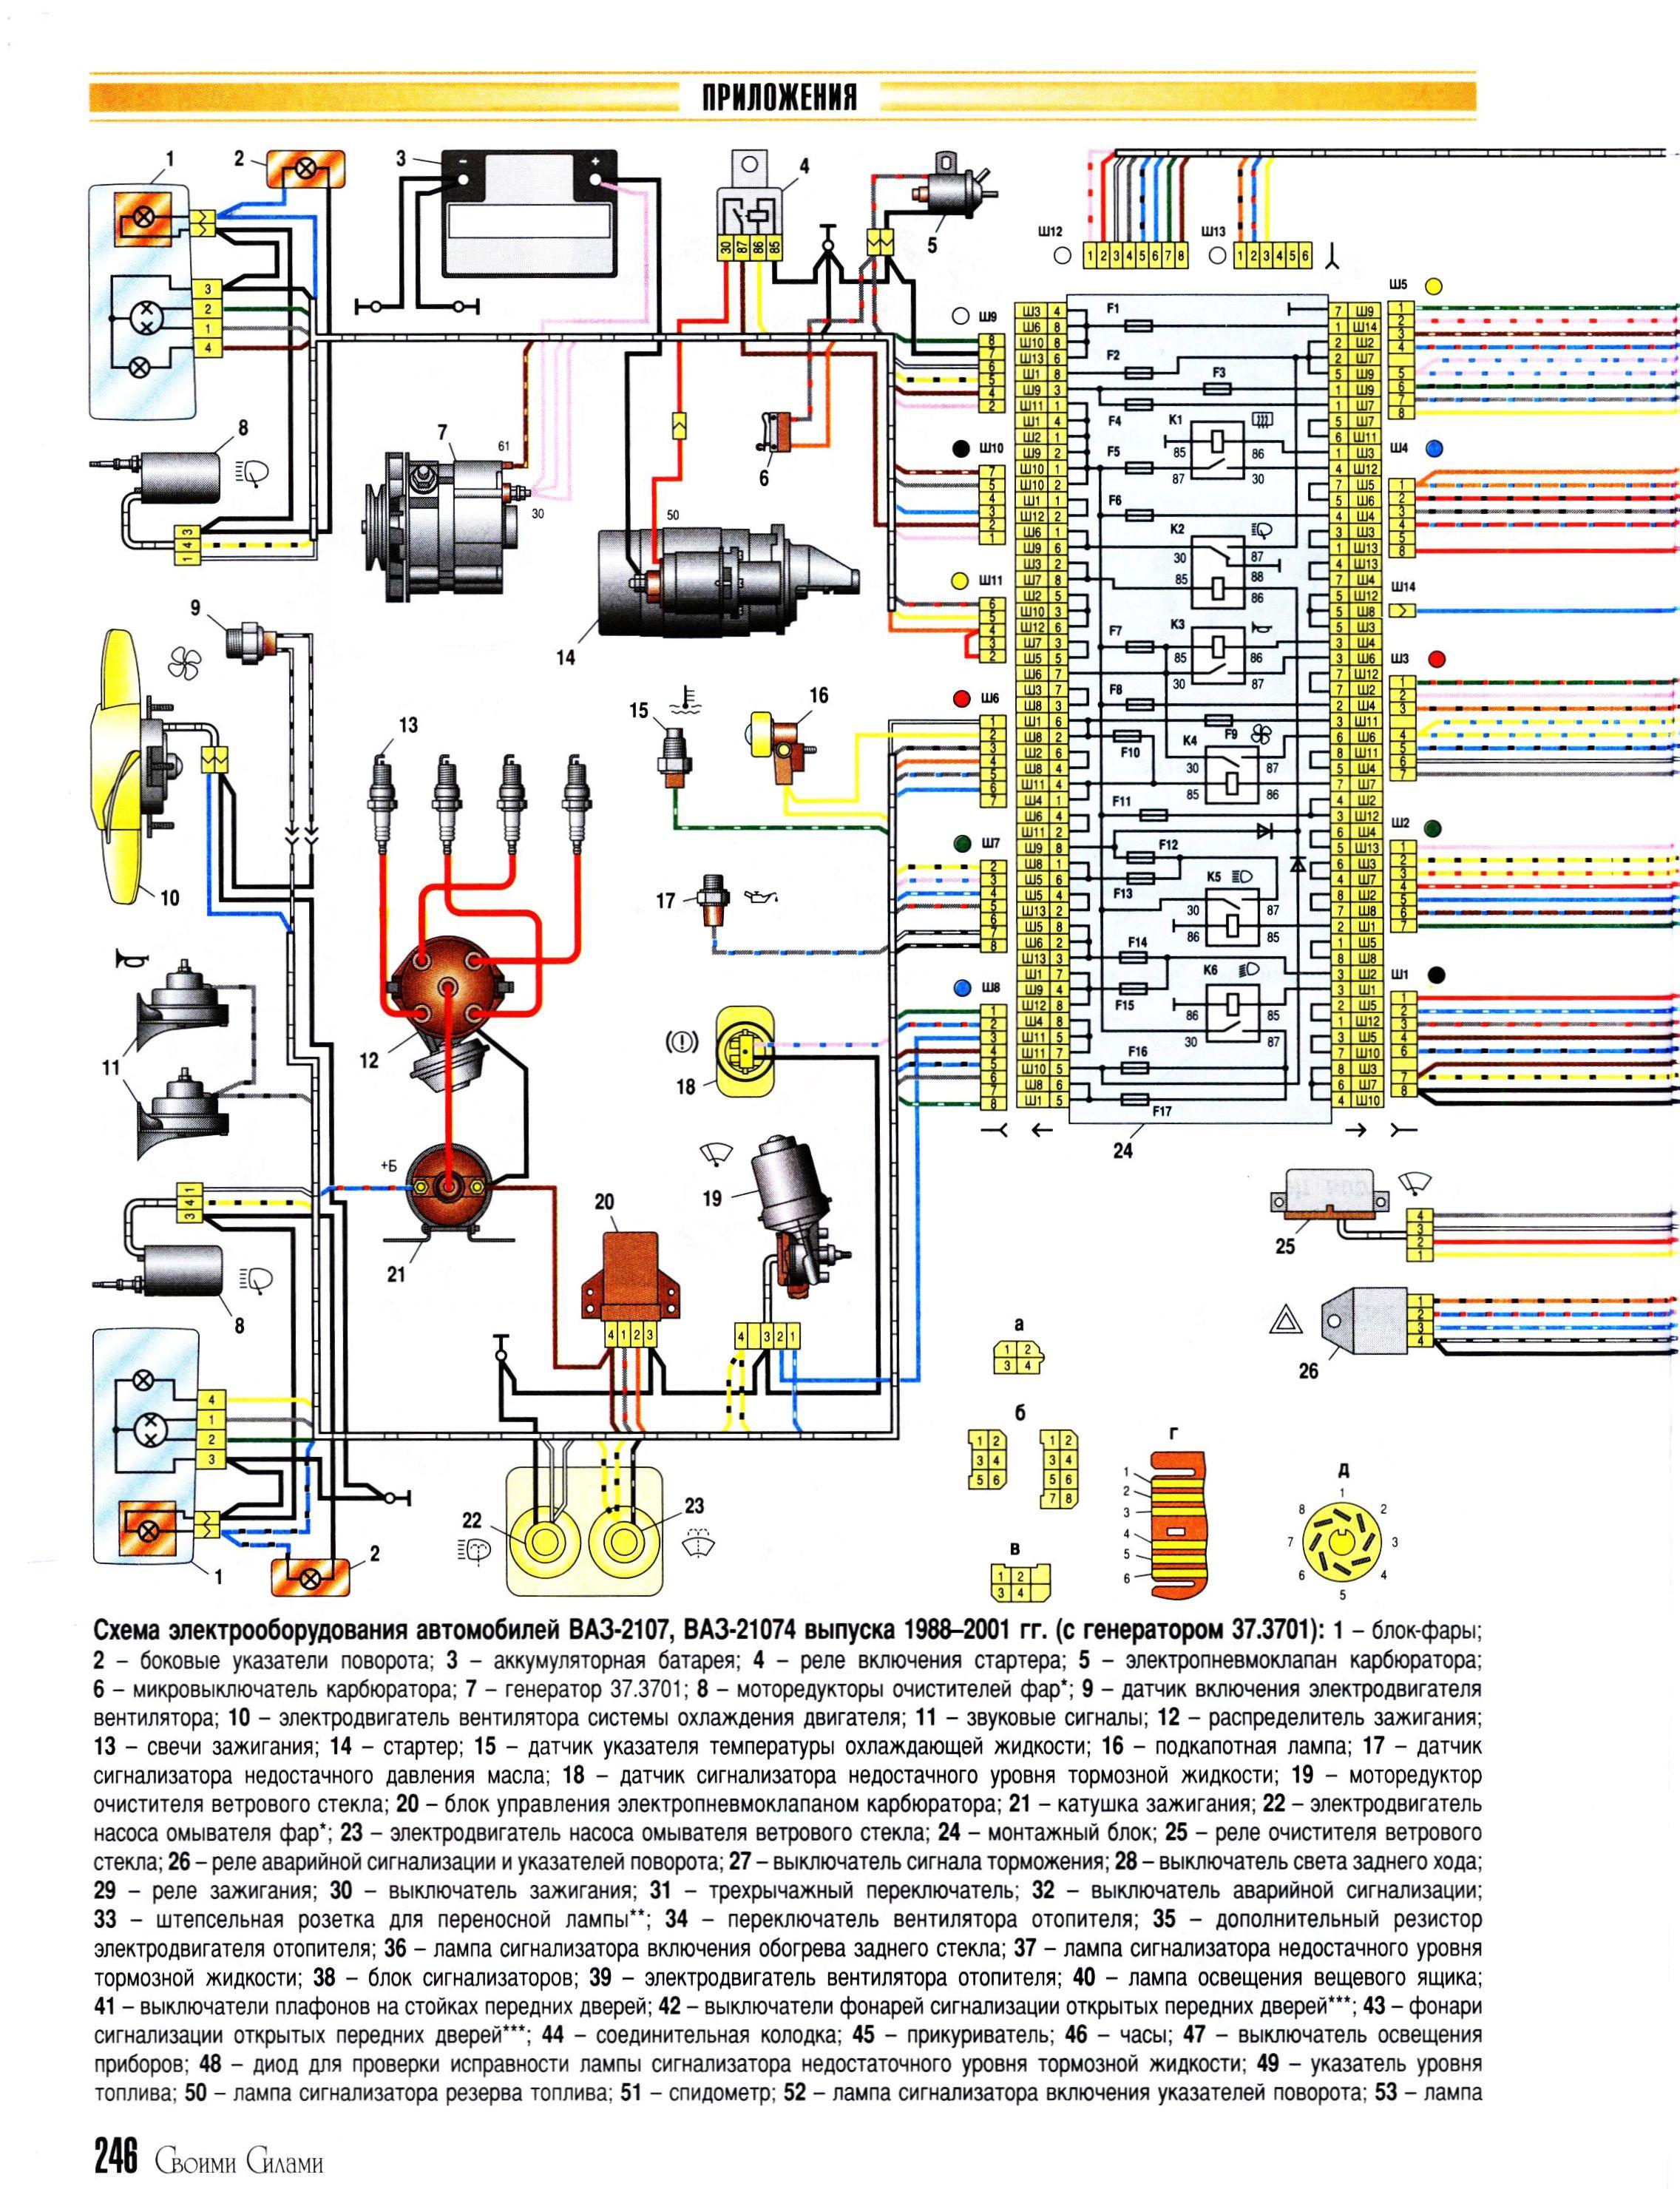 Схема включения освещения ваз 2107